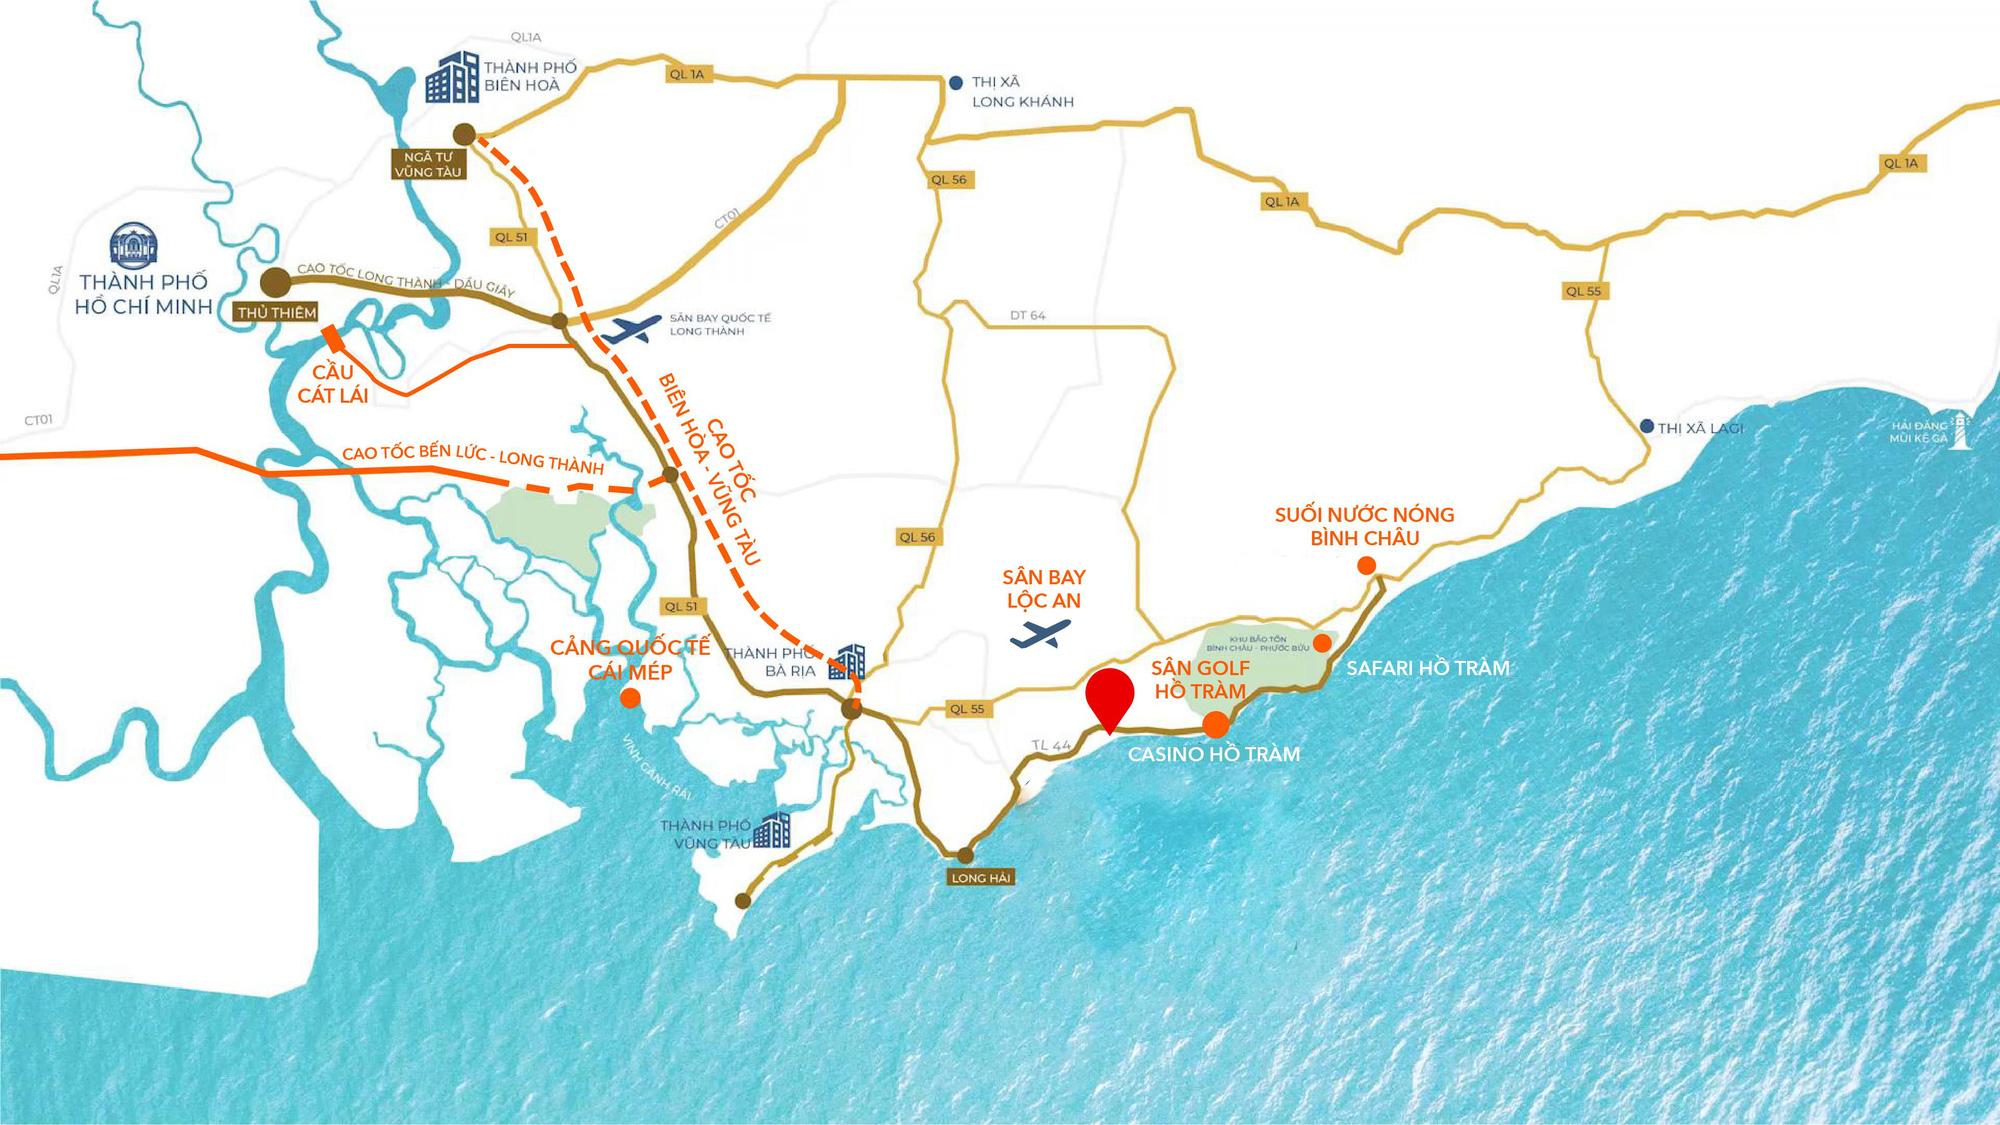 tiềm năng về bất động sản và lượng tin đăng mua bán đất Hồ Tràm tăng mạnh